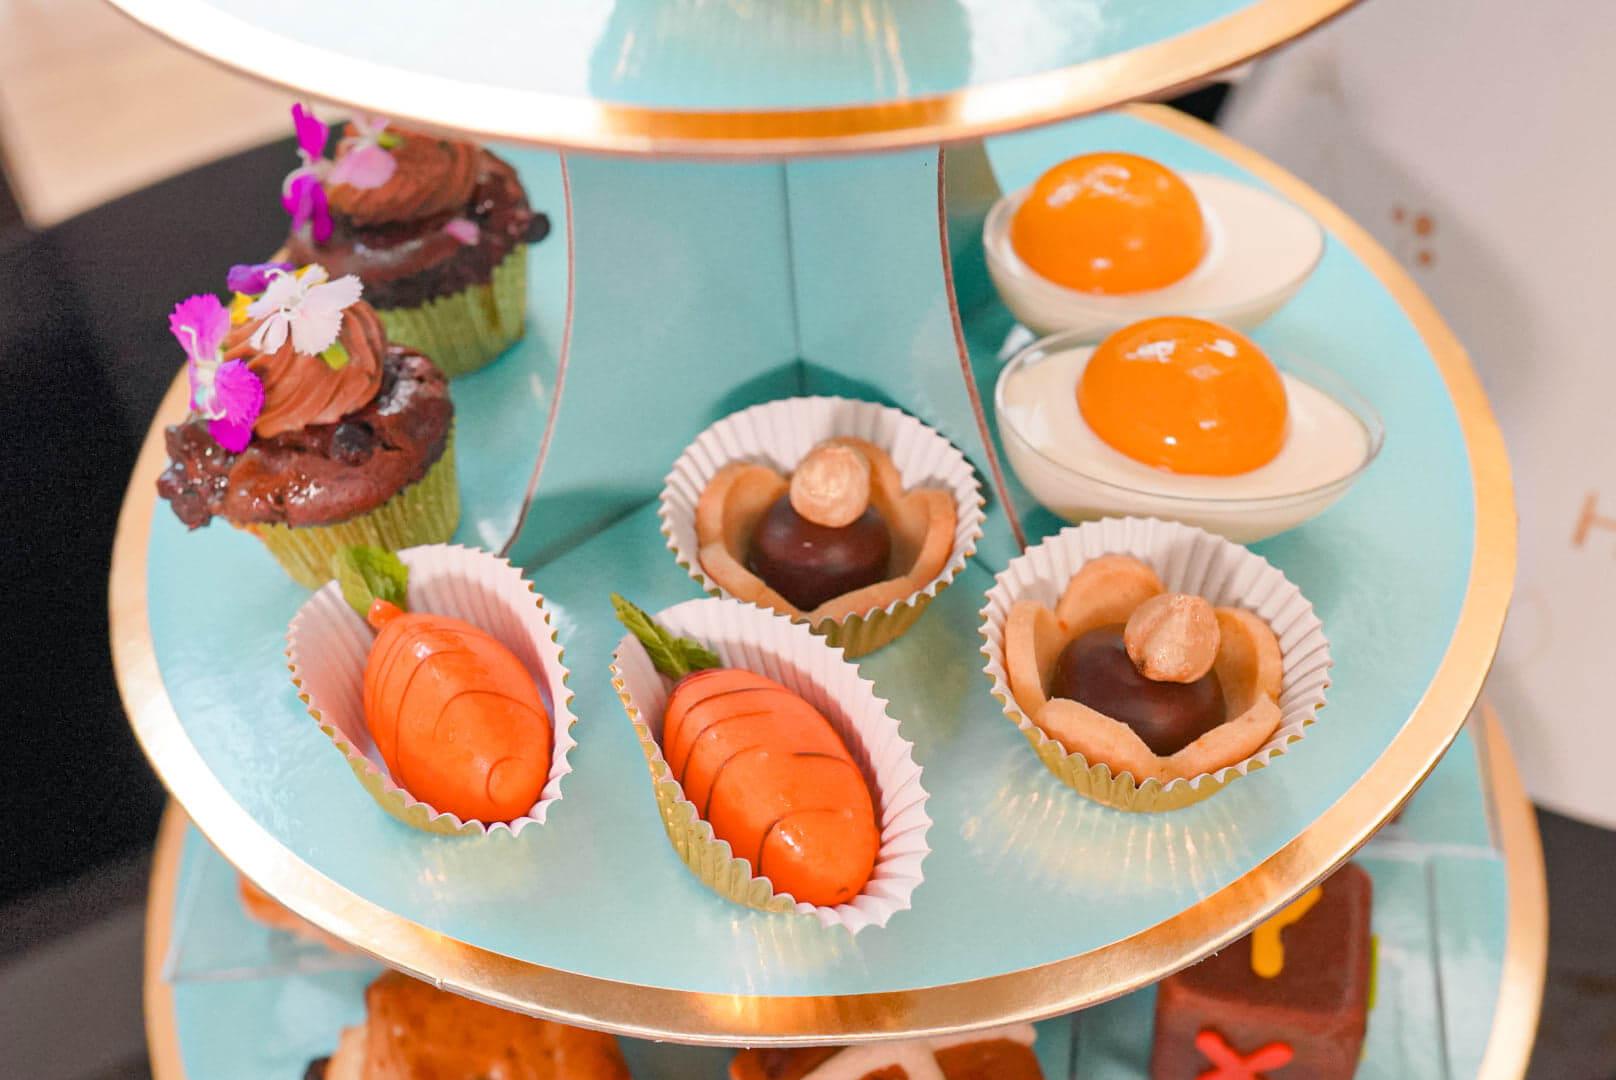 外賣版同樣可嘗到多款精緻鹹甜美點。